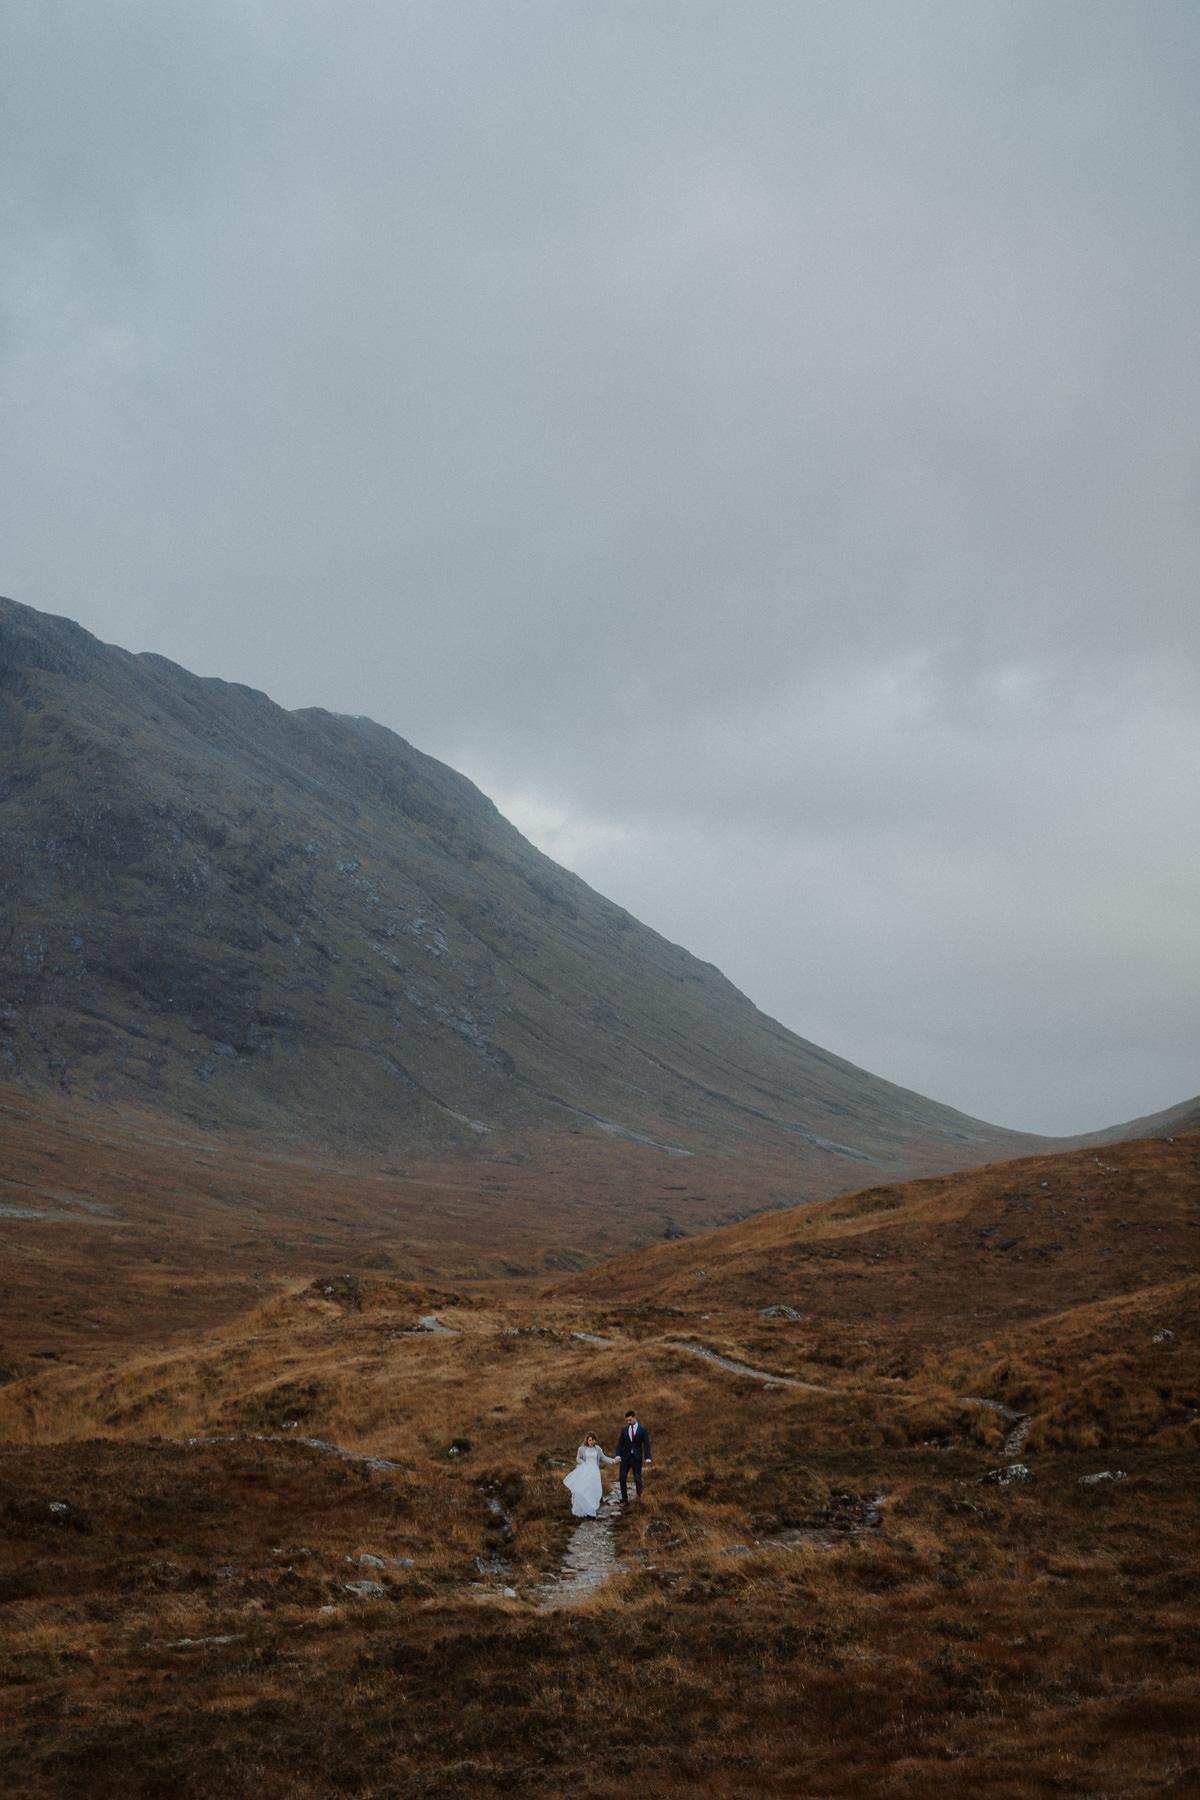 GLENCOE-blog-sesja-slubna-plener-szkocja-elopement-wedding-session_20181104_11-14-40_IMG_4713 Glencoe plener ślubny - sesja ślubna w Szkocji - love story Scotland